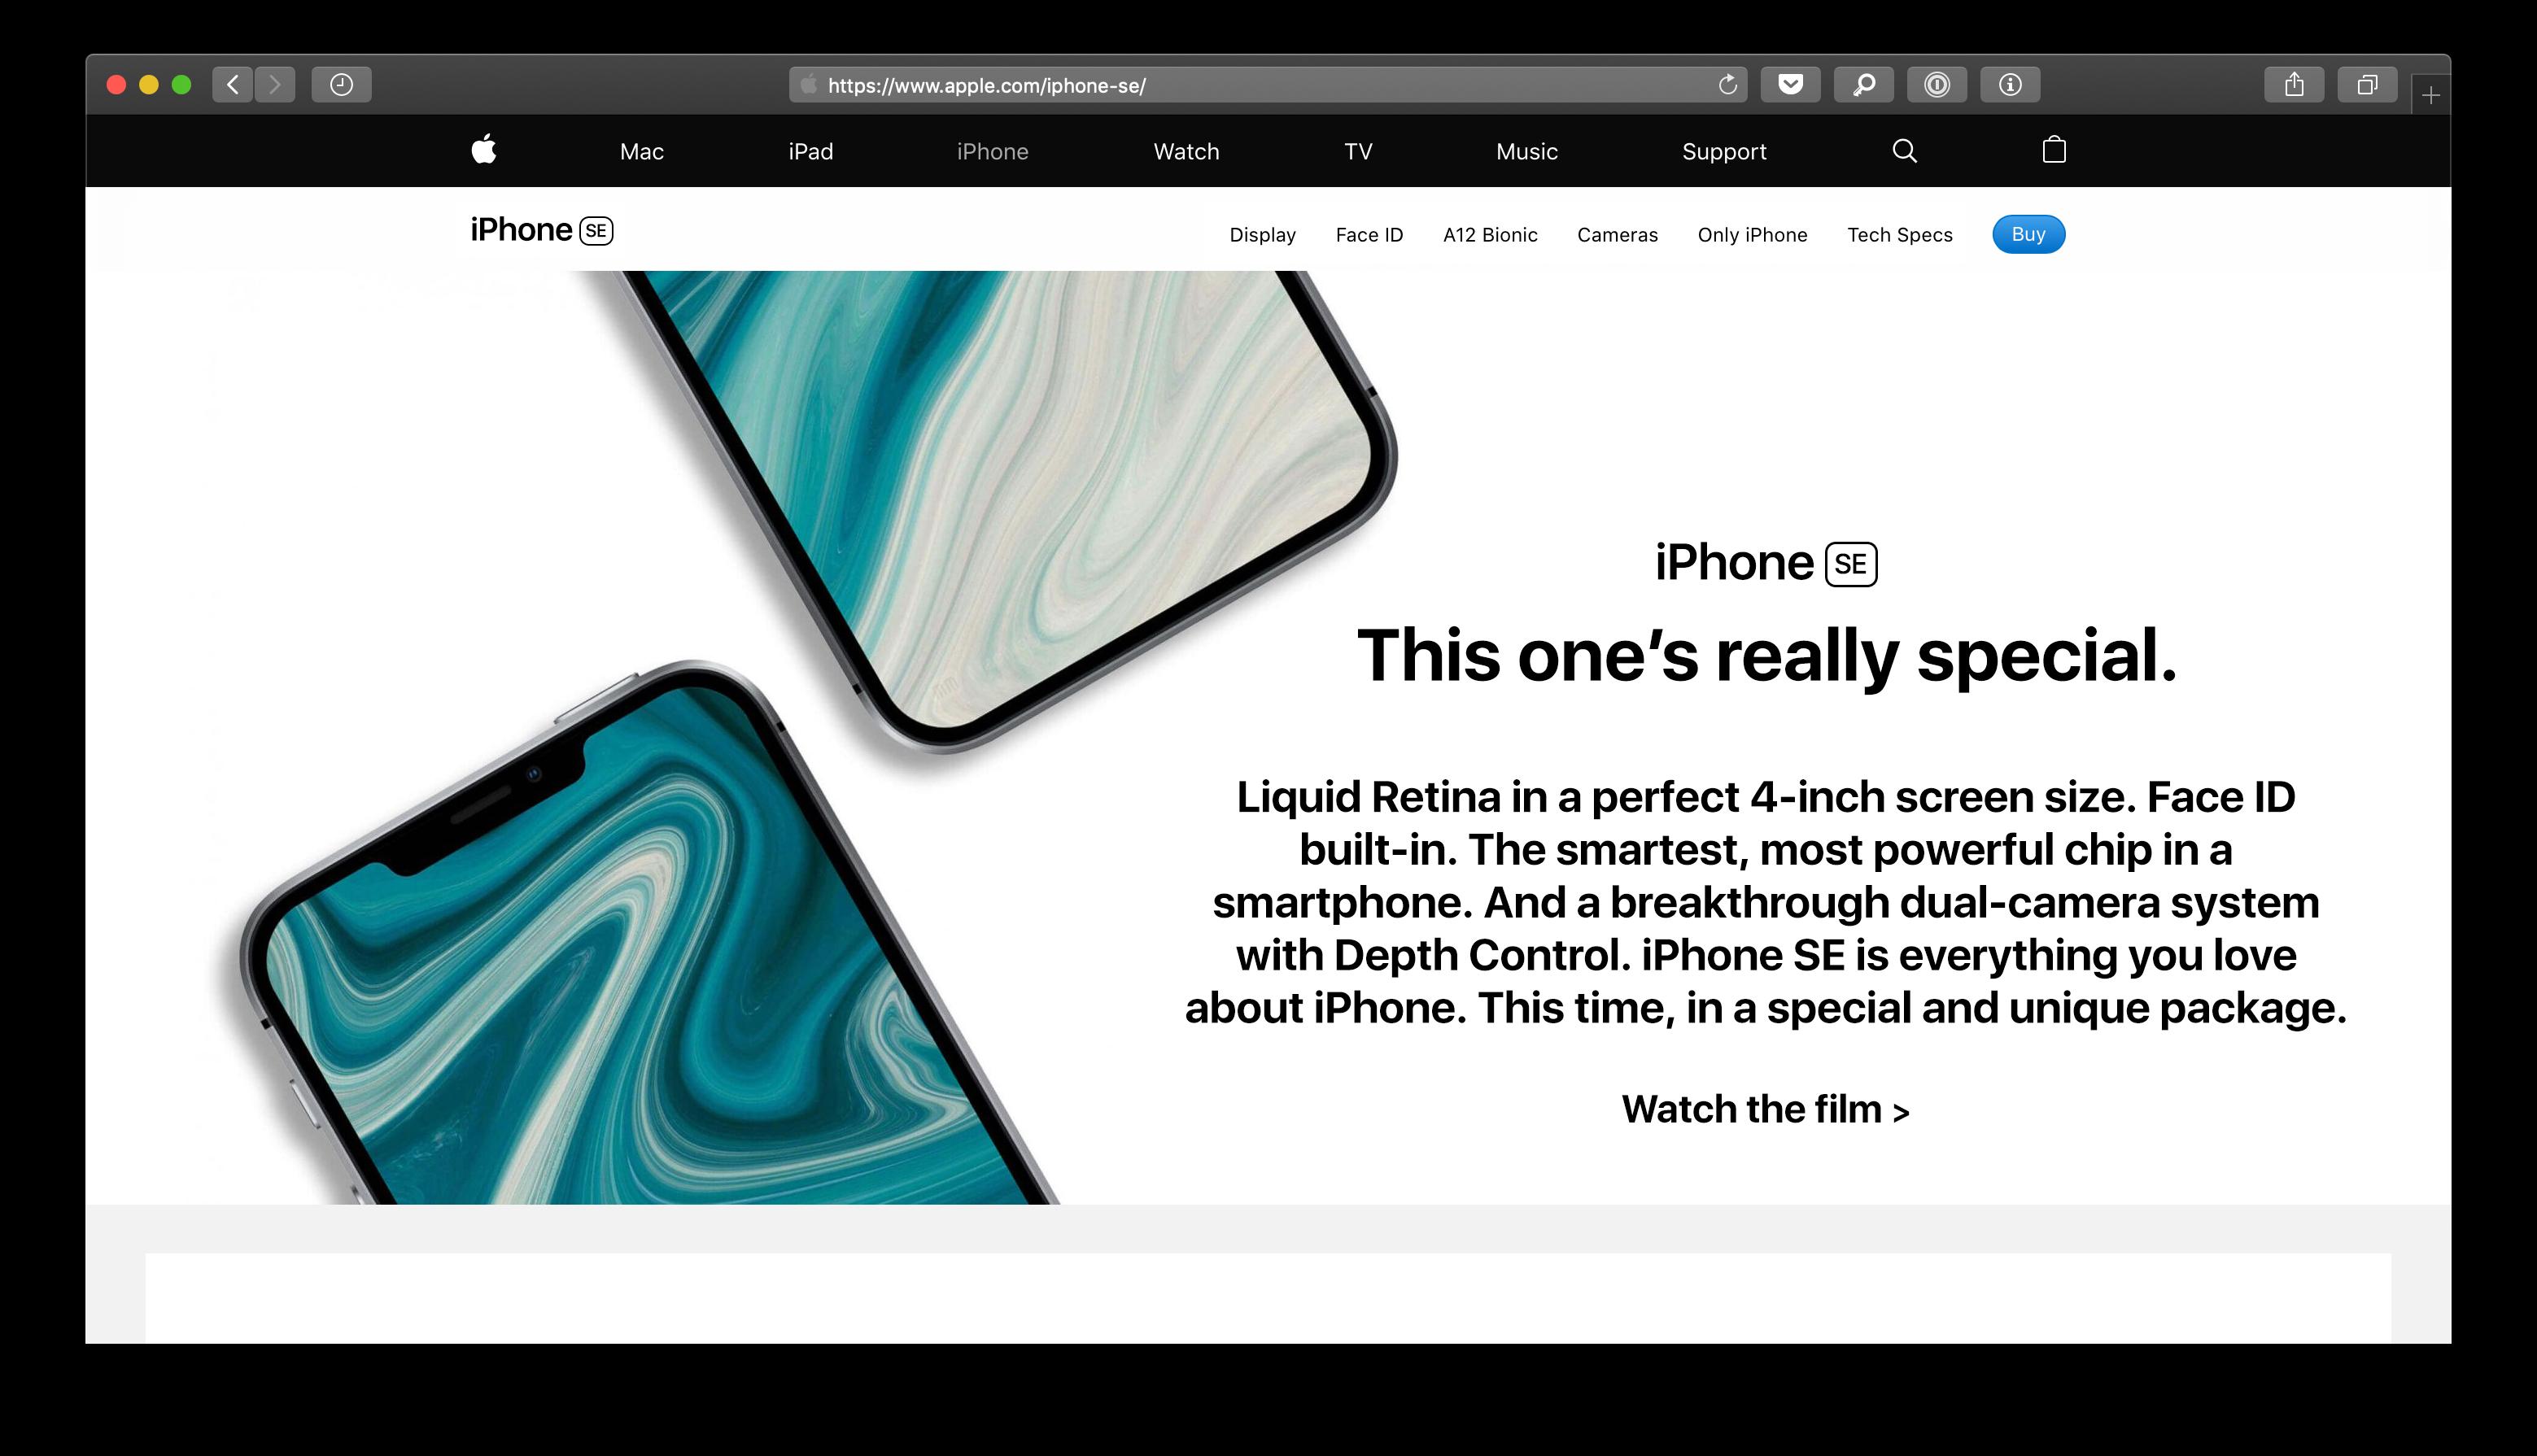 iPhone SE de segunda geração no site da Apple (hehe)